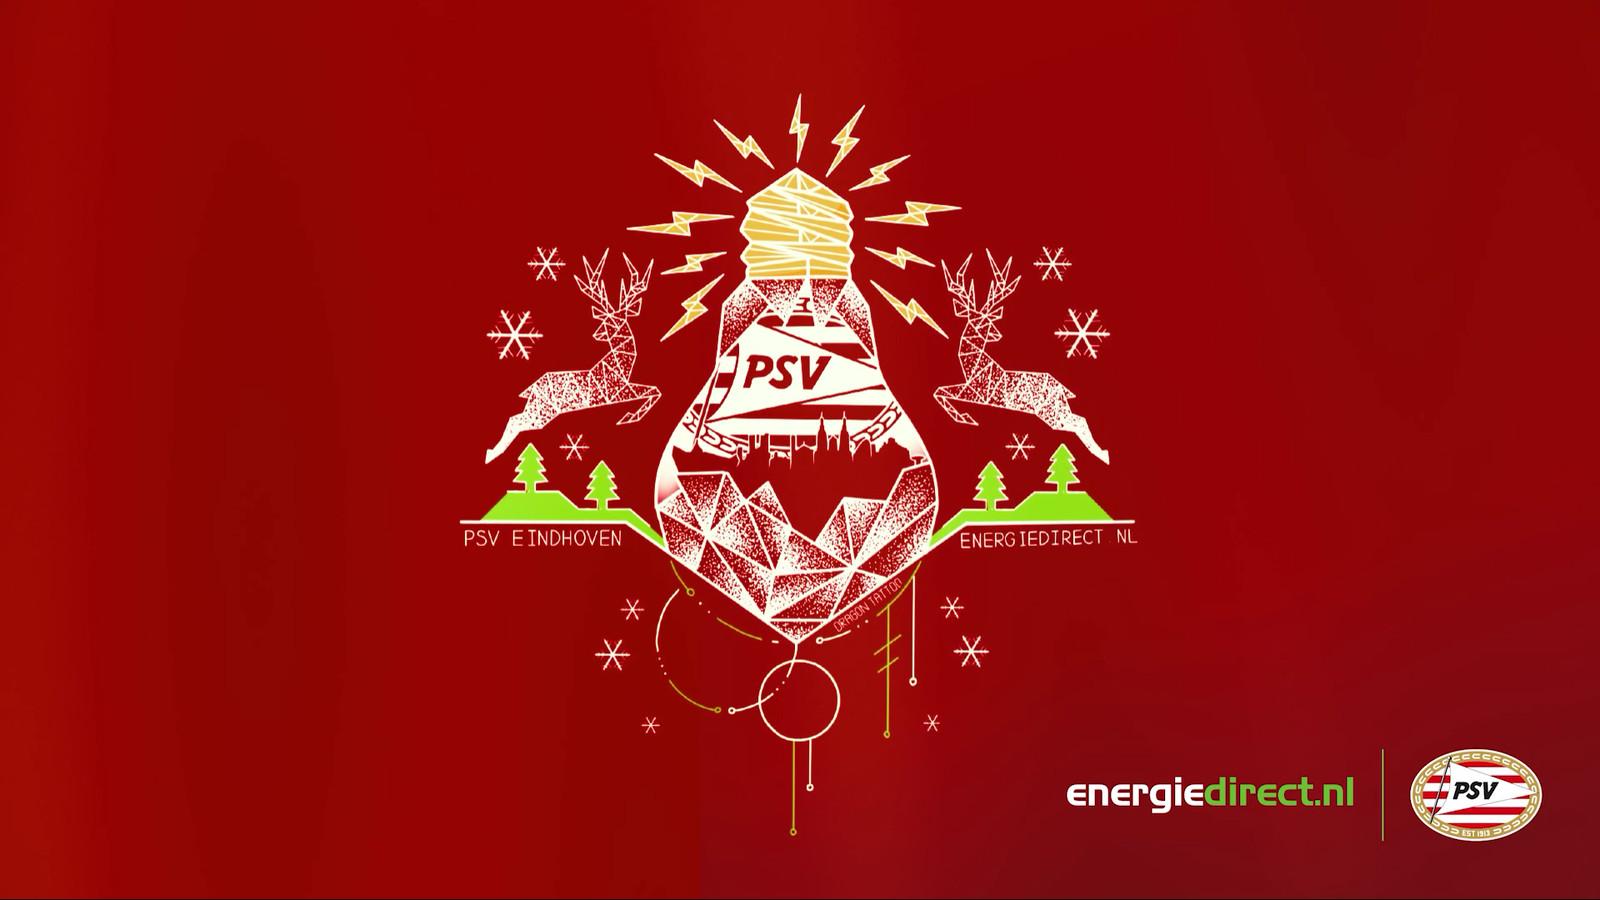 Kersttrui Utrecht.Psv Sponsor Energiedirect Nl Deelt Kersttruien Uit In Eindhoven Den